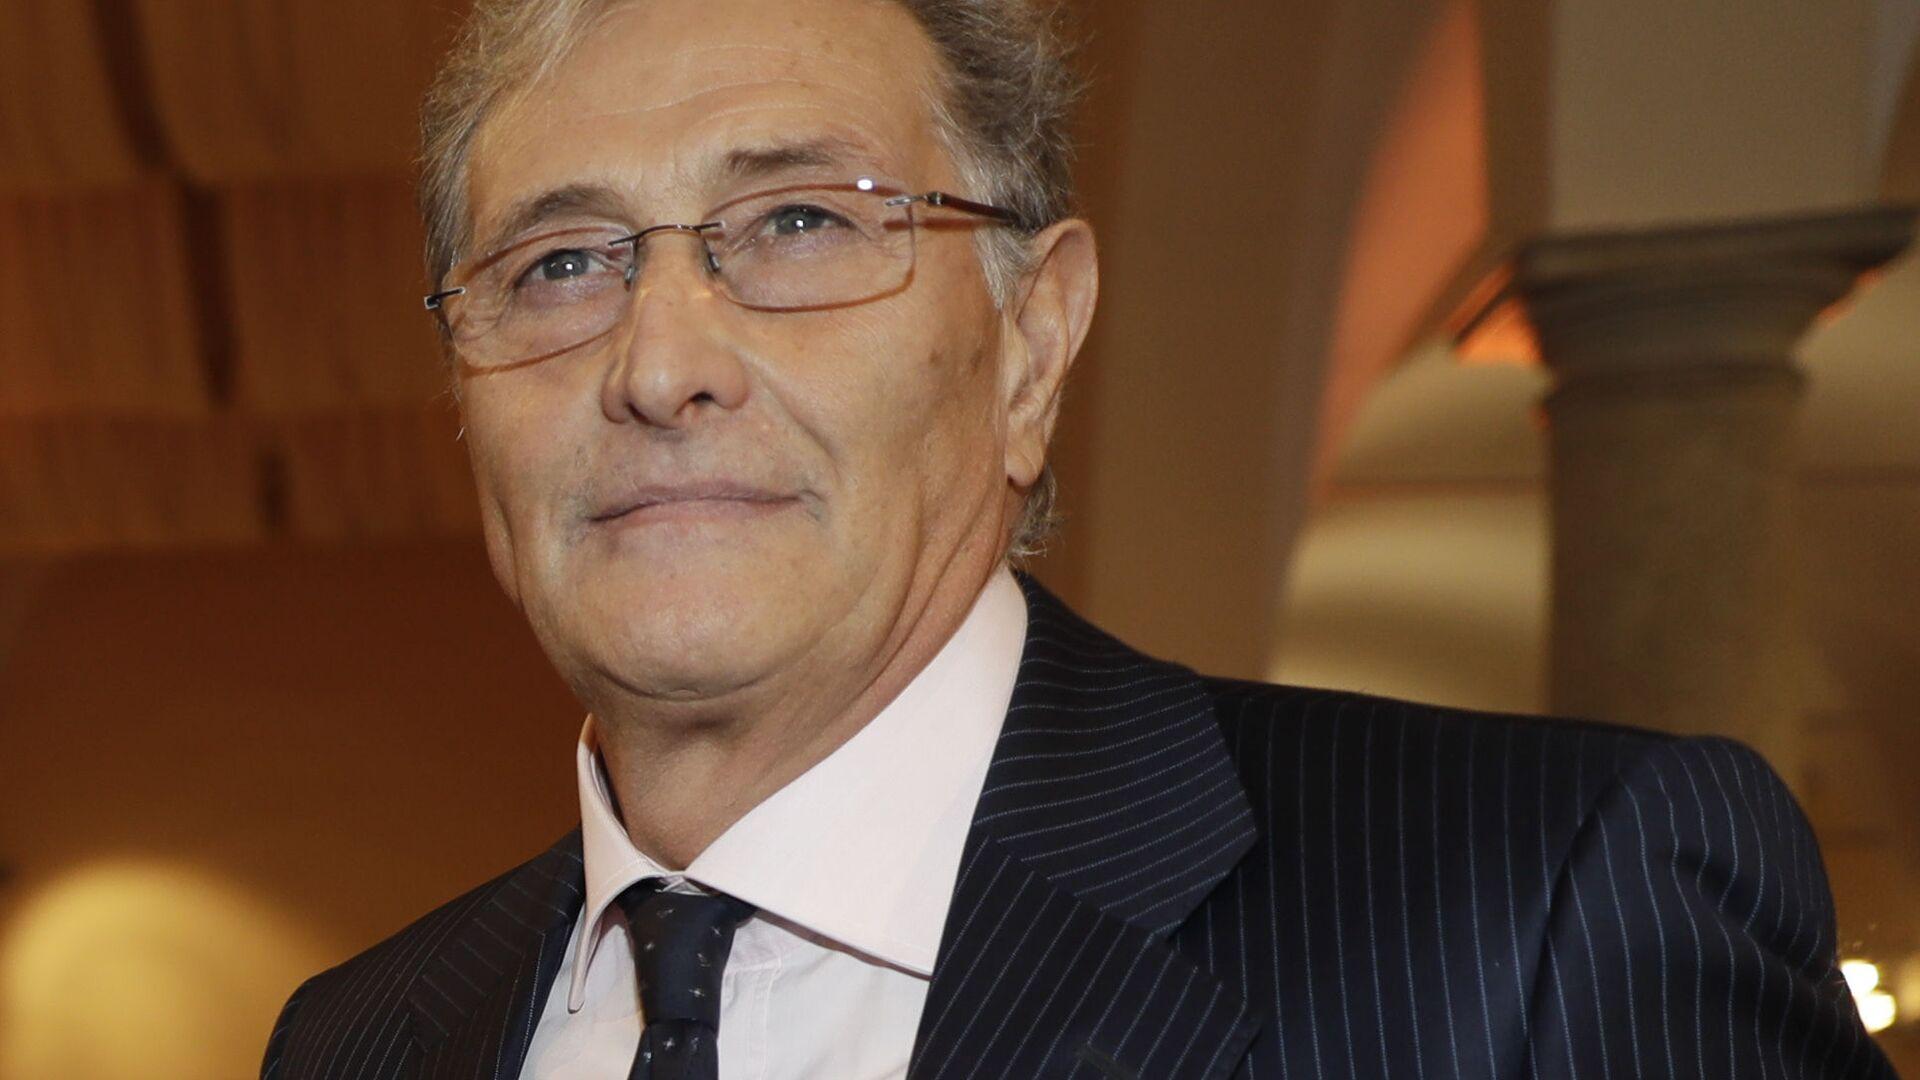 Guido Rasi, ex direttore esecutivo dell'Agenzia europea per i medicinali EMA - Sputnik Italia, 1920, 09.09.2021